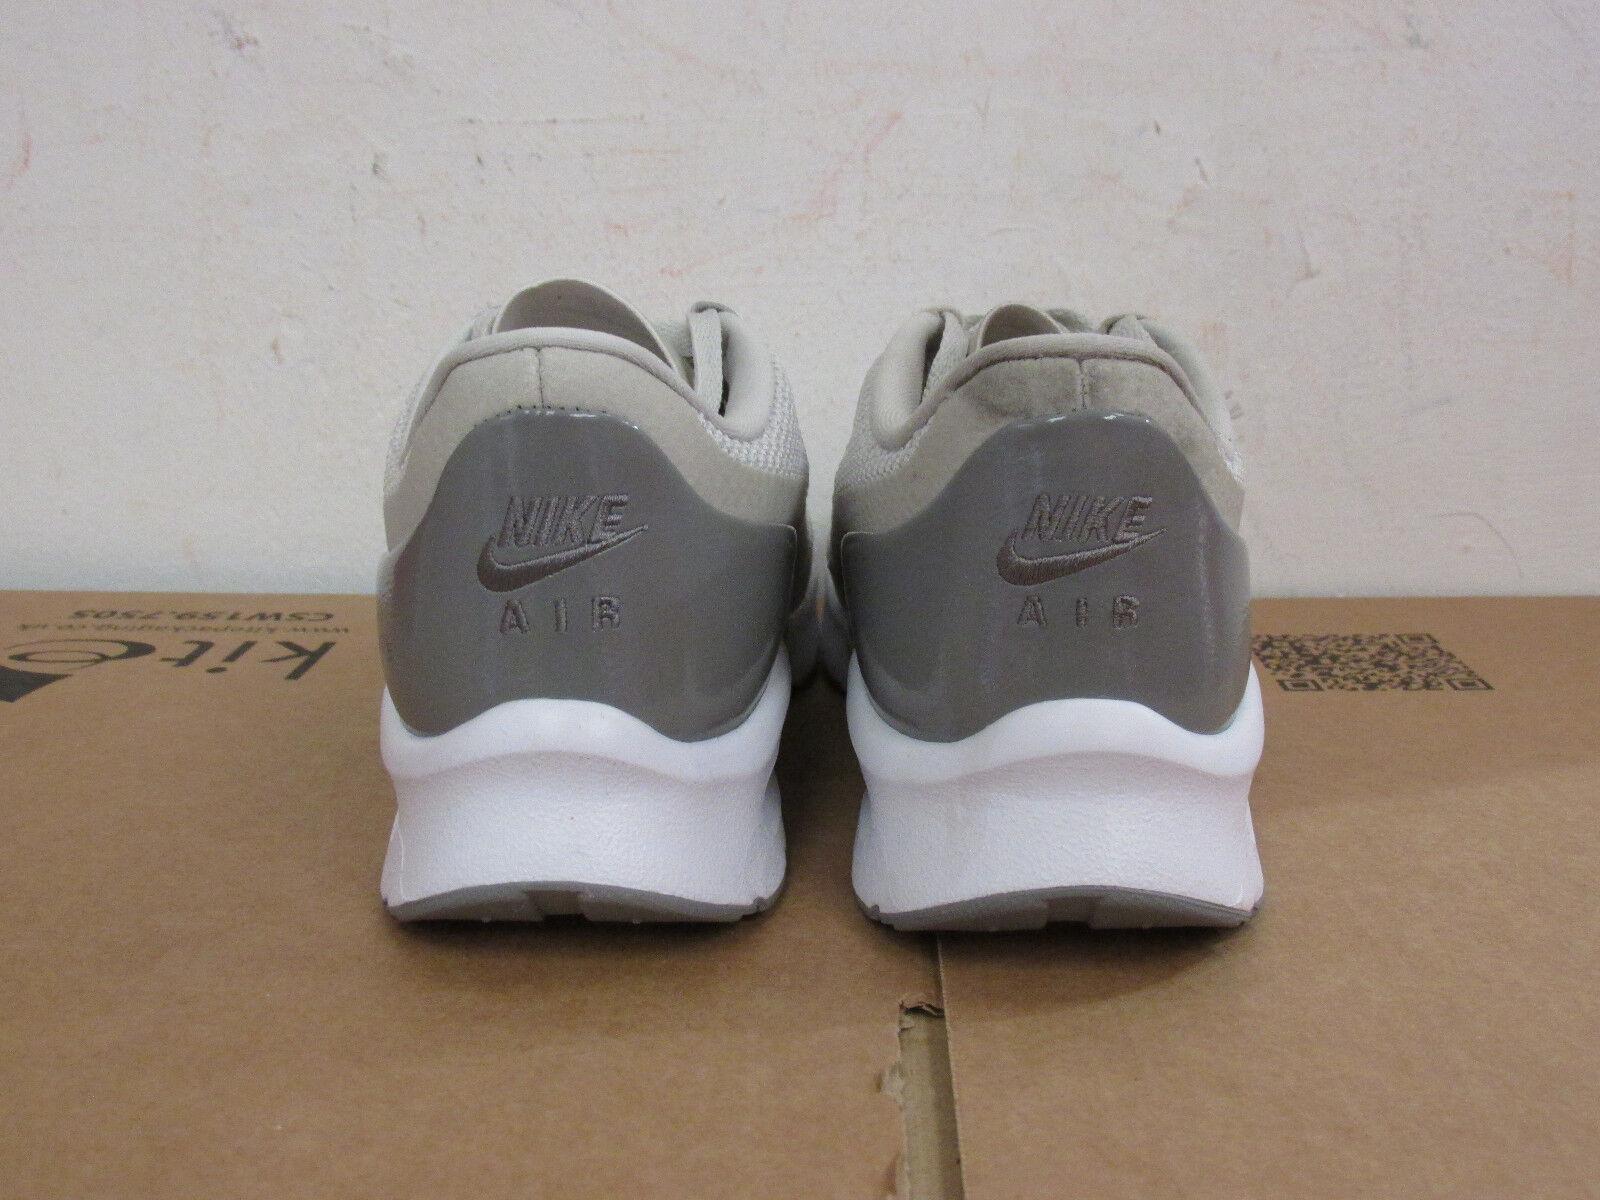 Nike Damen Air Max Sneakers Schmuck Laufschuhe 896194 002 Sneakers Max Schuhe Ausverkauf afb4d7